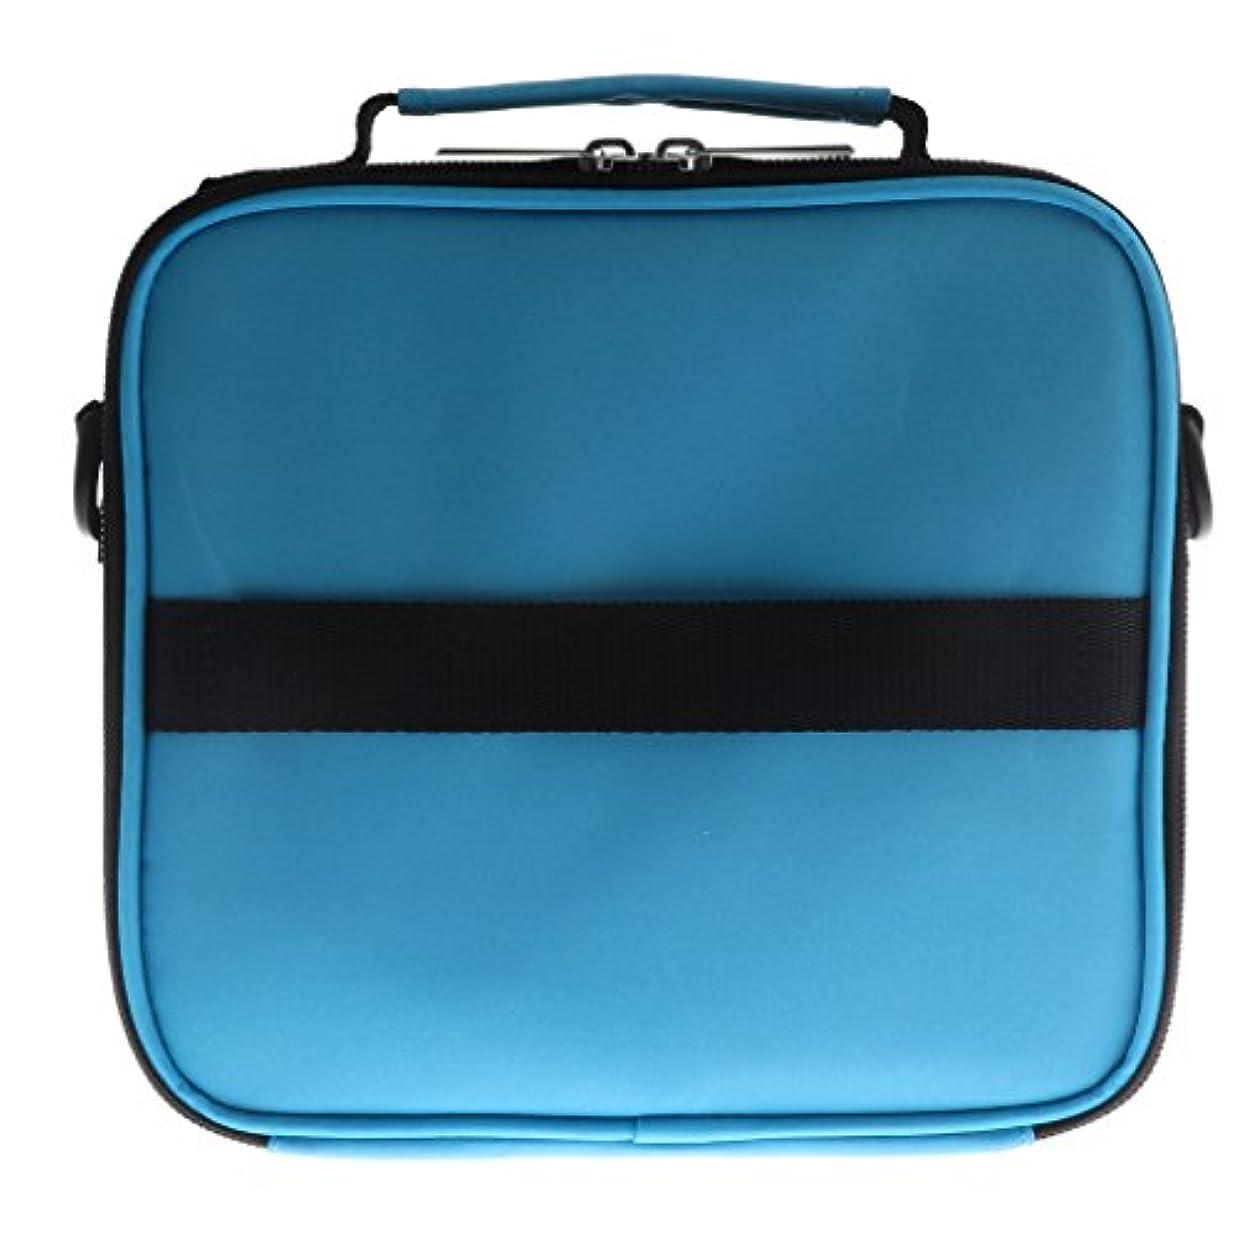 乗算のぞき穴不良品全6色 アロマポーチ エッセンシャルオイル ケース 香水収納バッグ アロマケース 携帯用 30本用 - 青